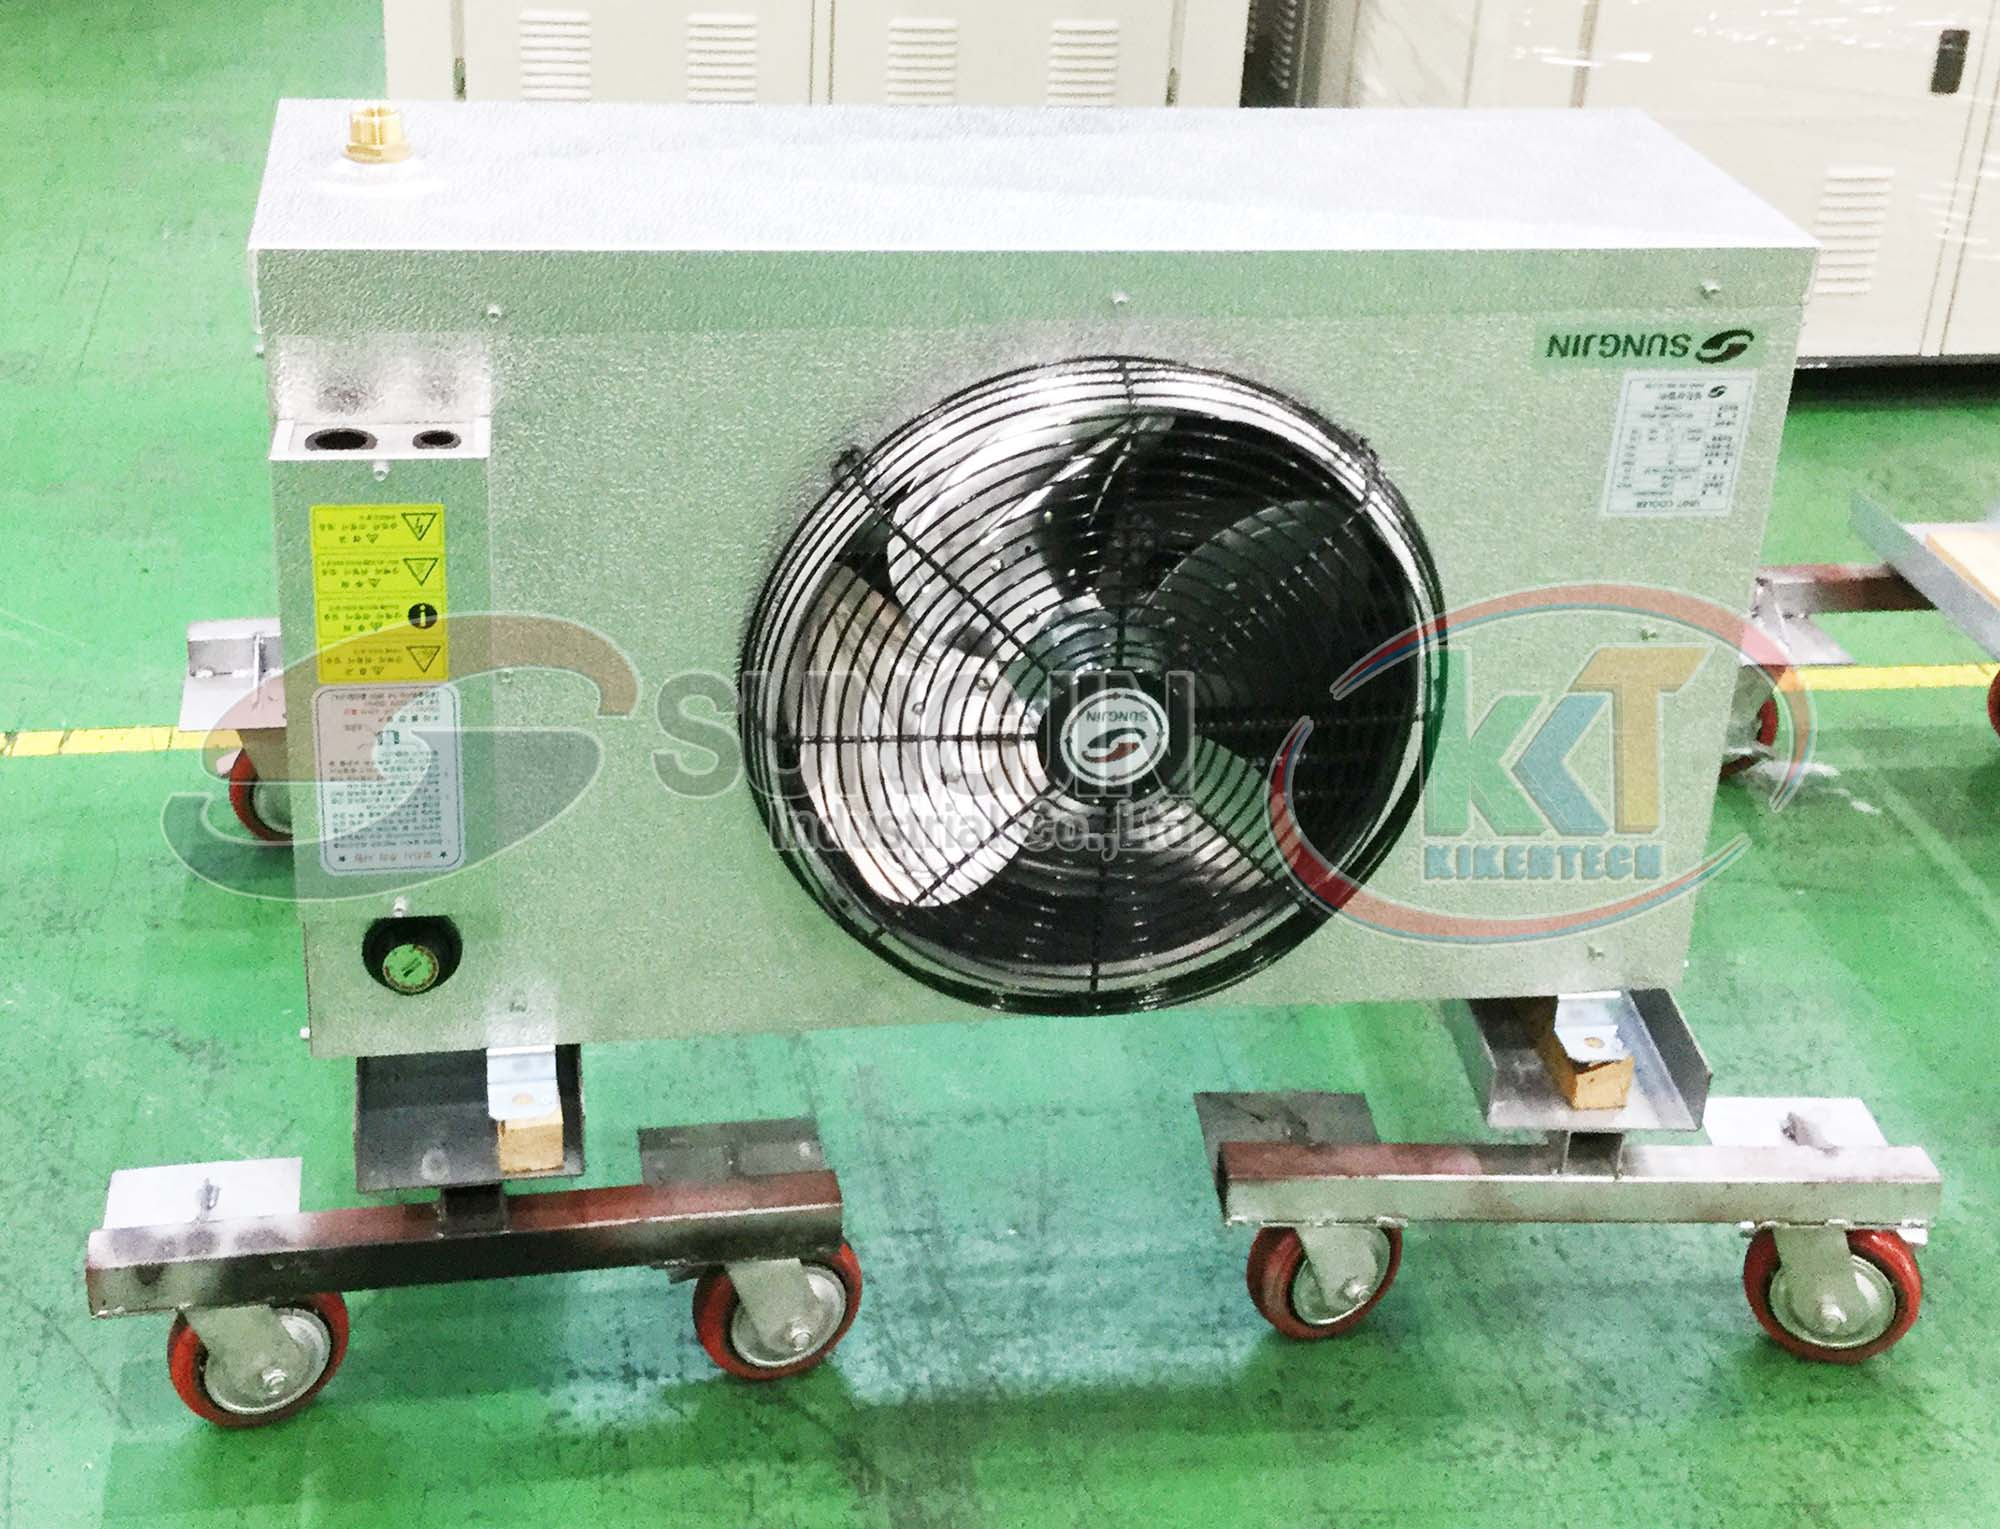 Tham quan xưởng sản xuất, xưởng lắp đặt, kho máy móc của Sungjin tại Hàn Quốc